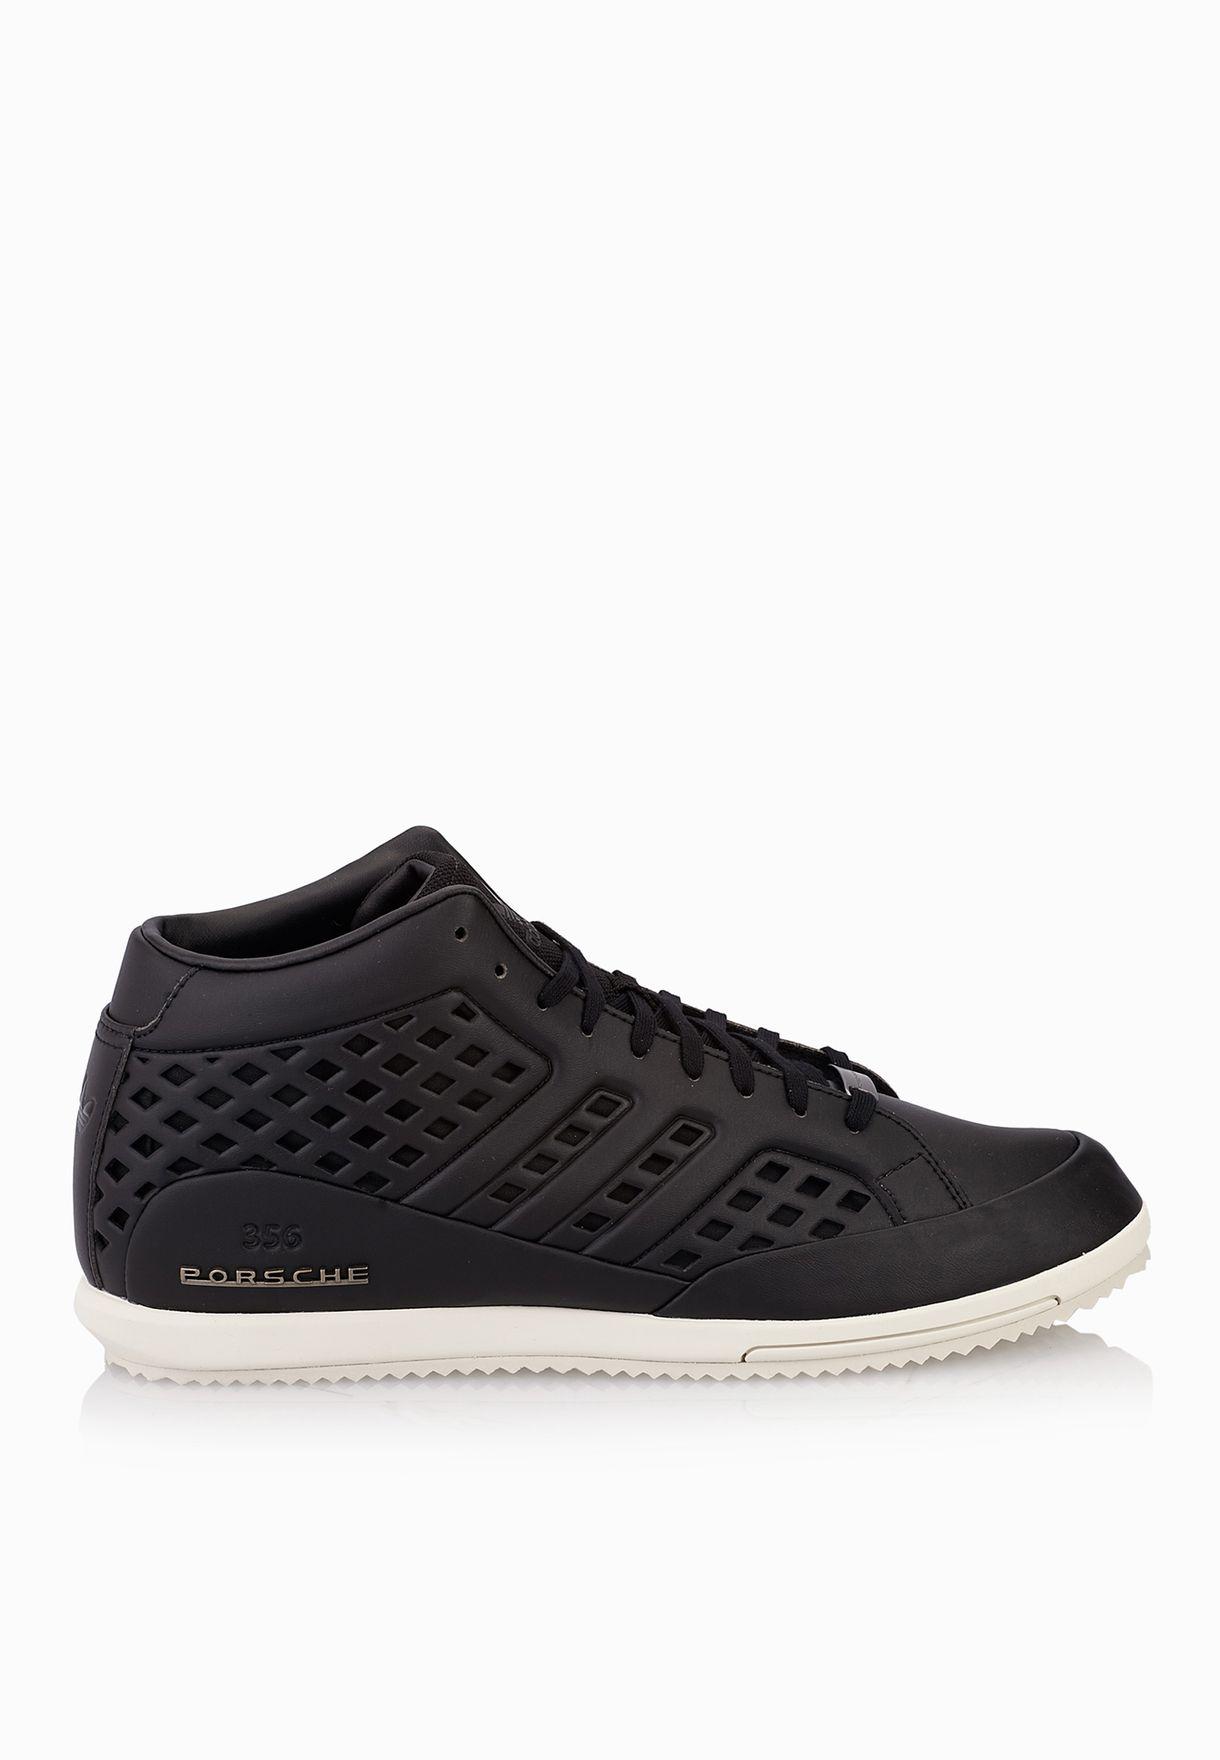 a8ab452c96 ... amazon shop adidas originals black porsche 356 mid 1.3 s75408 for men  in saudi ad478sh72utf 51cc8 ...